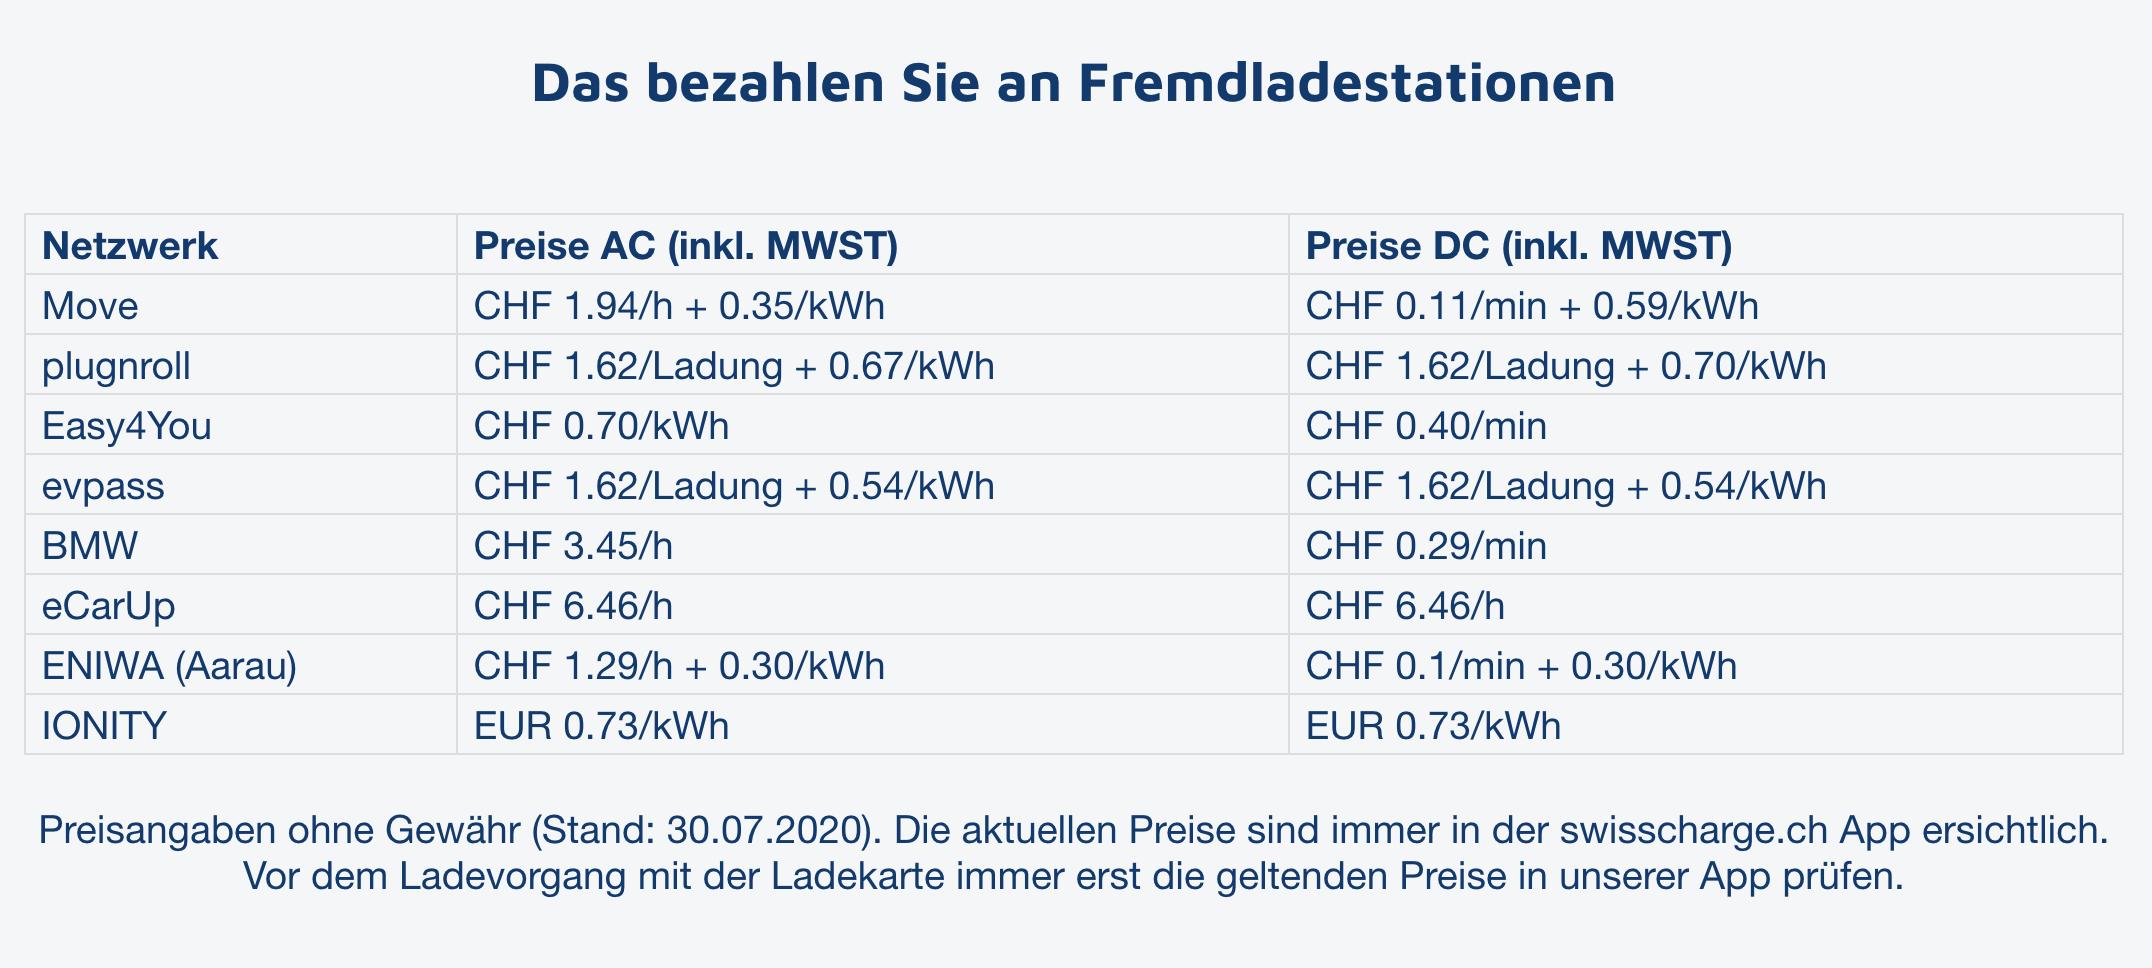 Roaming Kosten Swisscharge